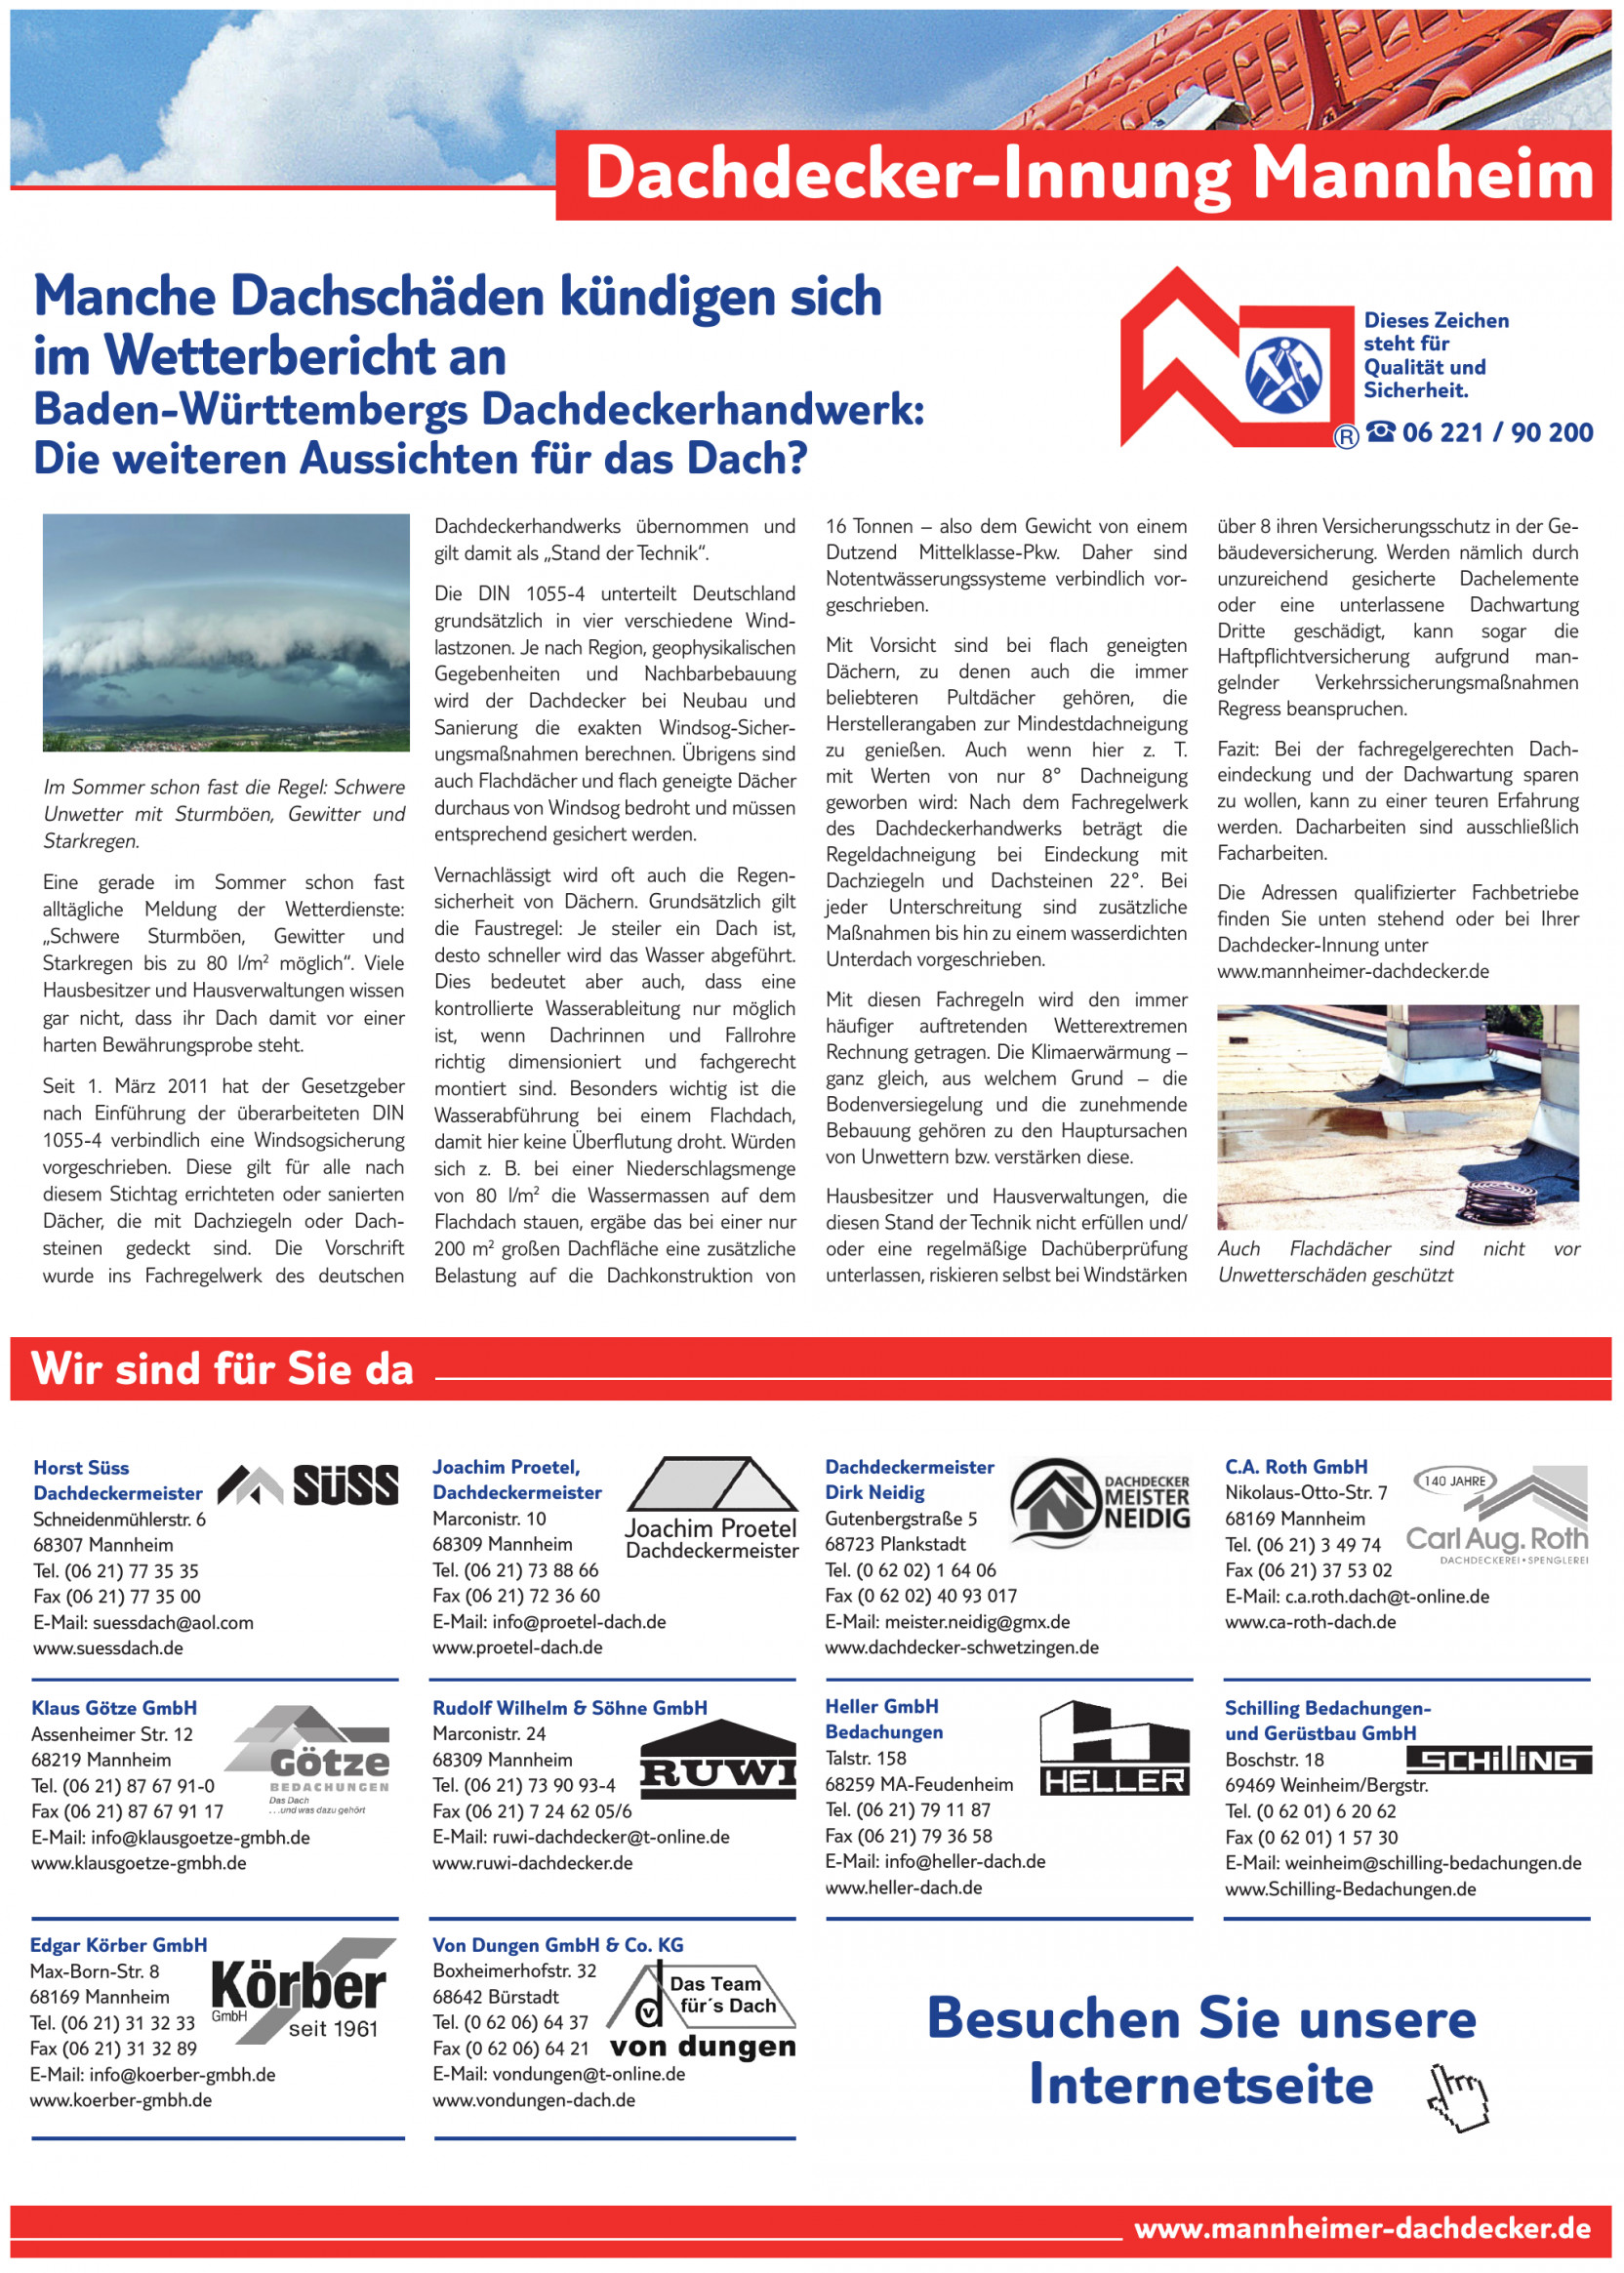 Dachdecker-Innung Mannheim